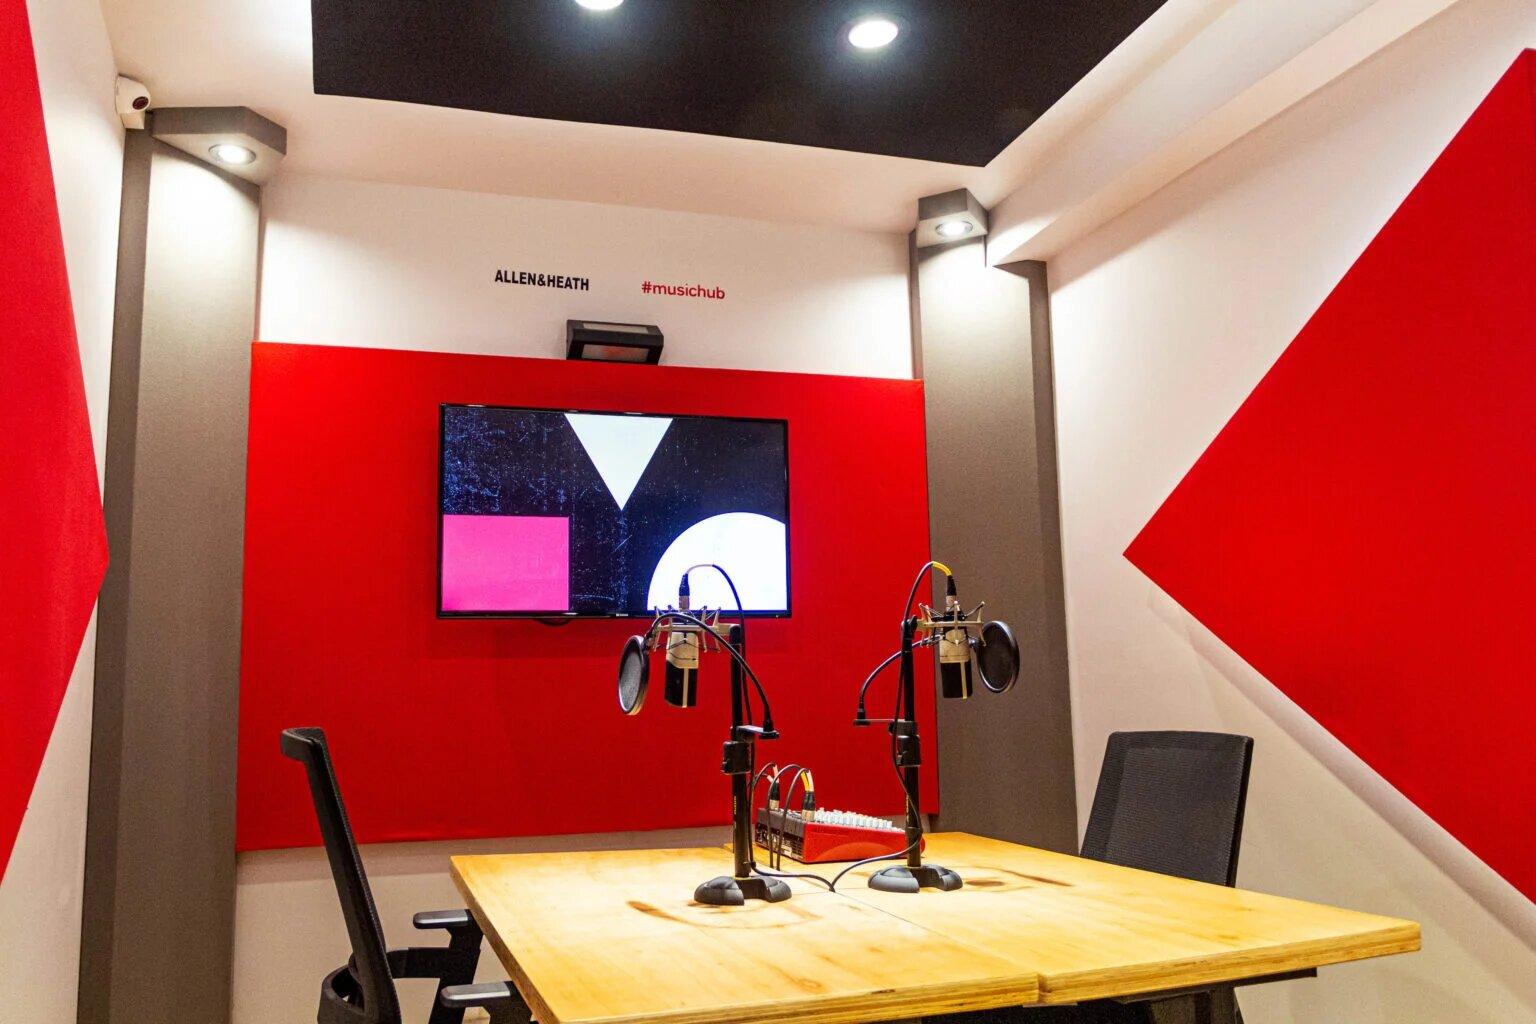 Estudio diseñado especialmente para podcasts, acondicionado acústicamente y equipados a full